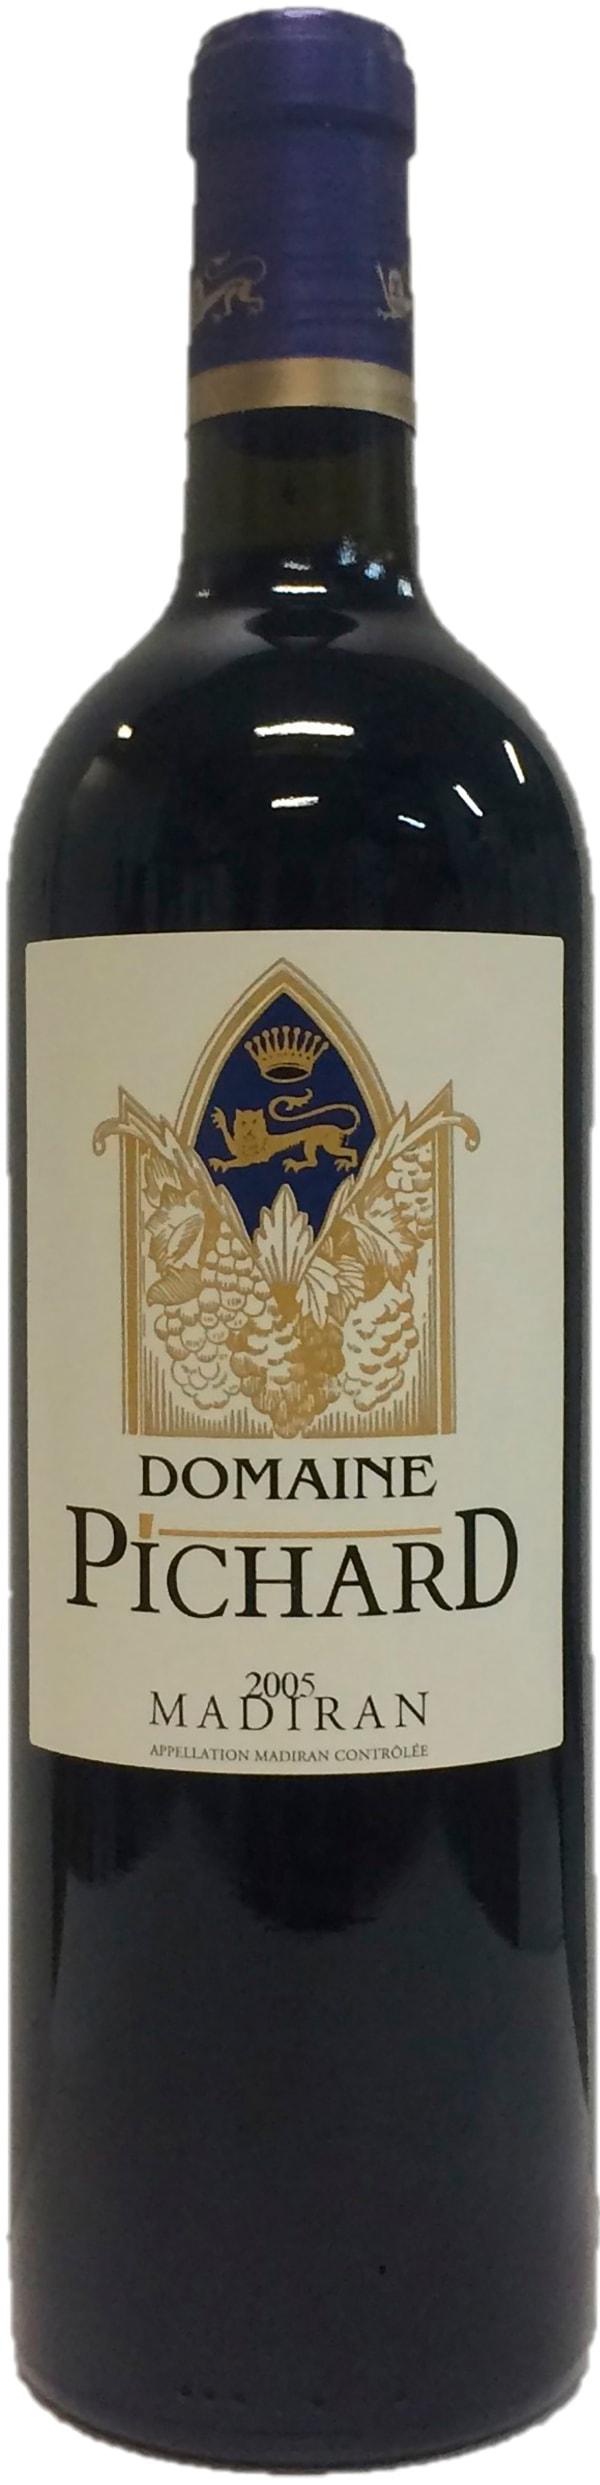 Domaine Pichard Madiran 2005